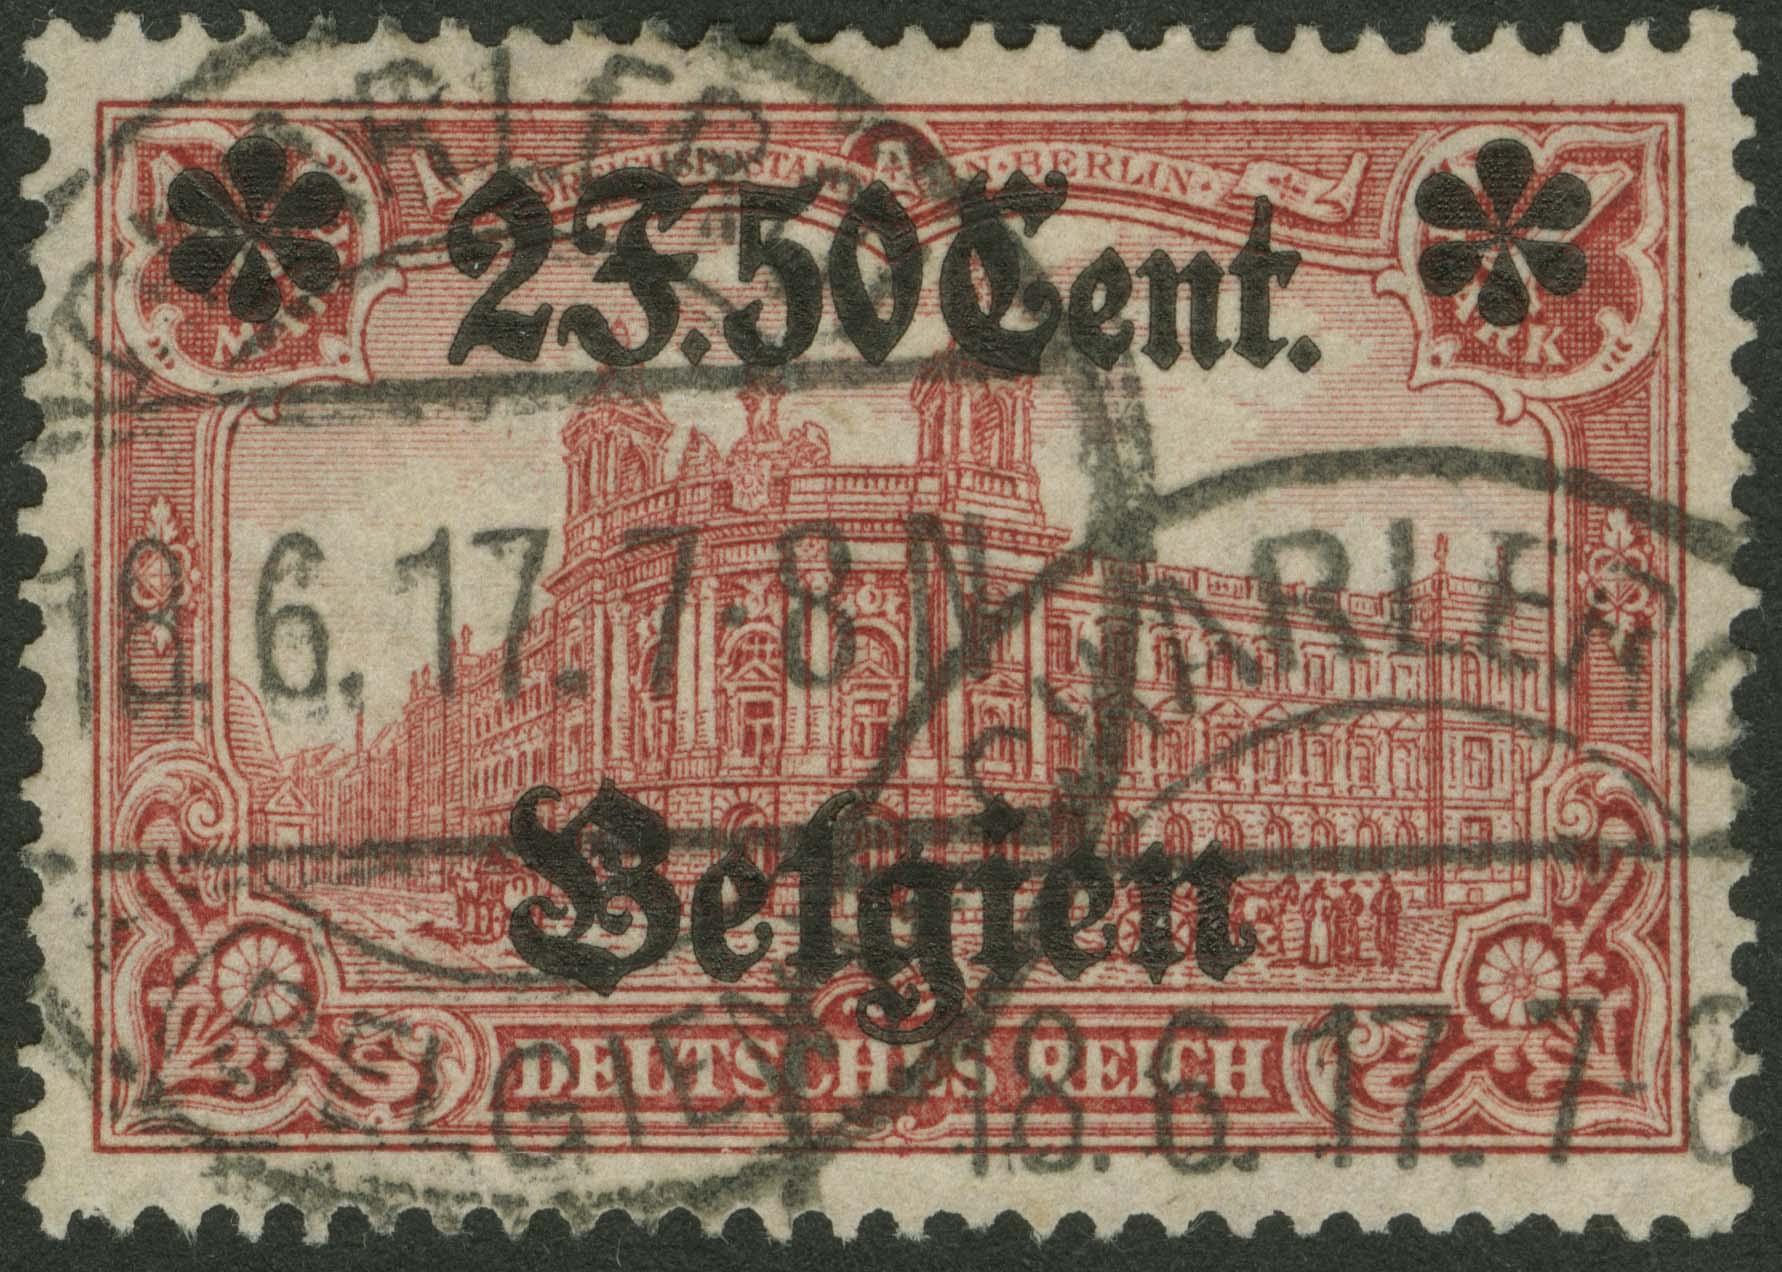 Lot 5975 - besetzungen i. weltkrieg Landespost in Belgien - Markenausgaben -  Auktionshaus Ulrich Felzmann GmbH & Co. KG